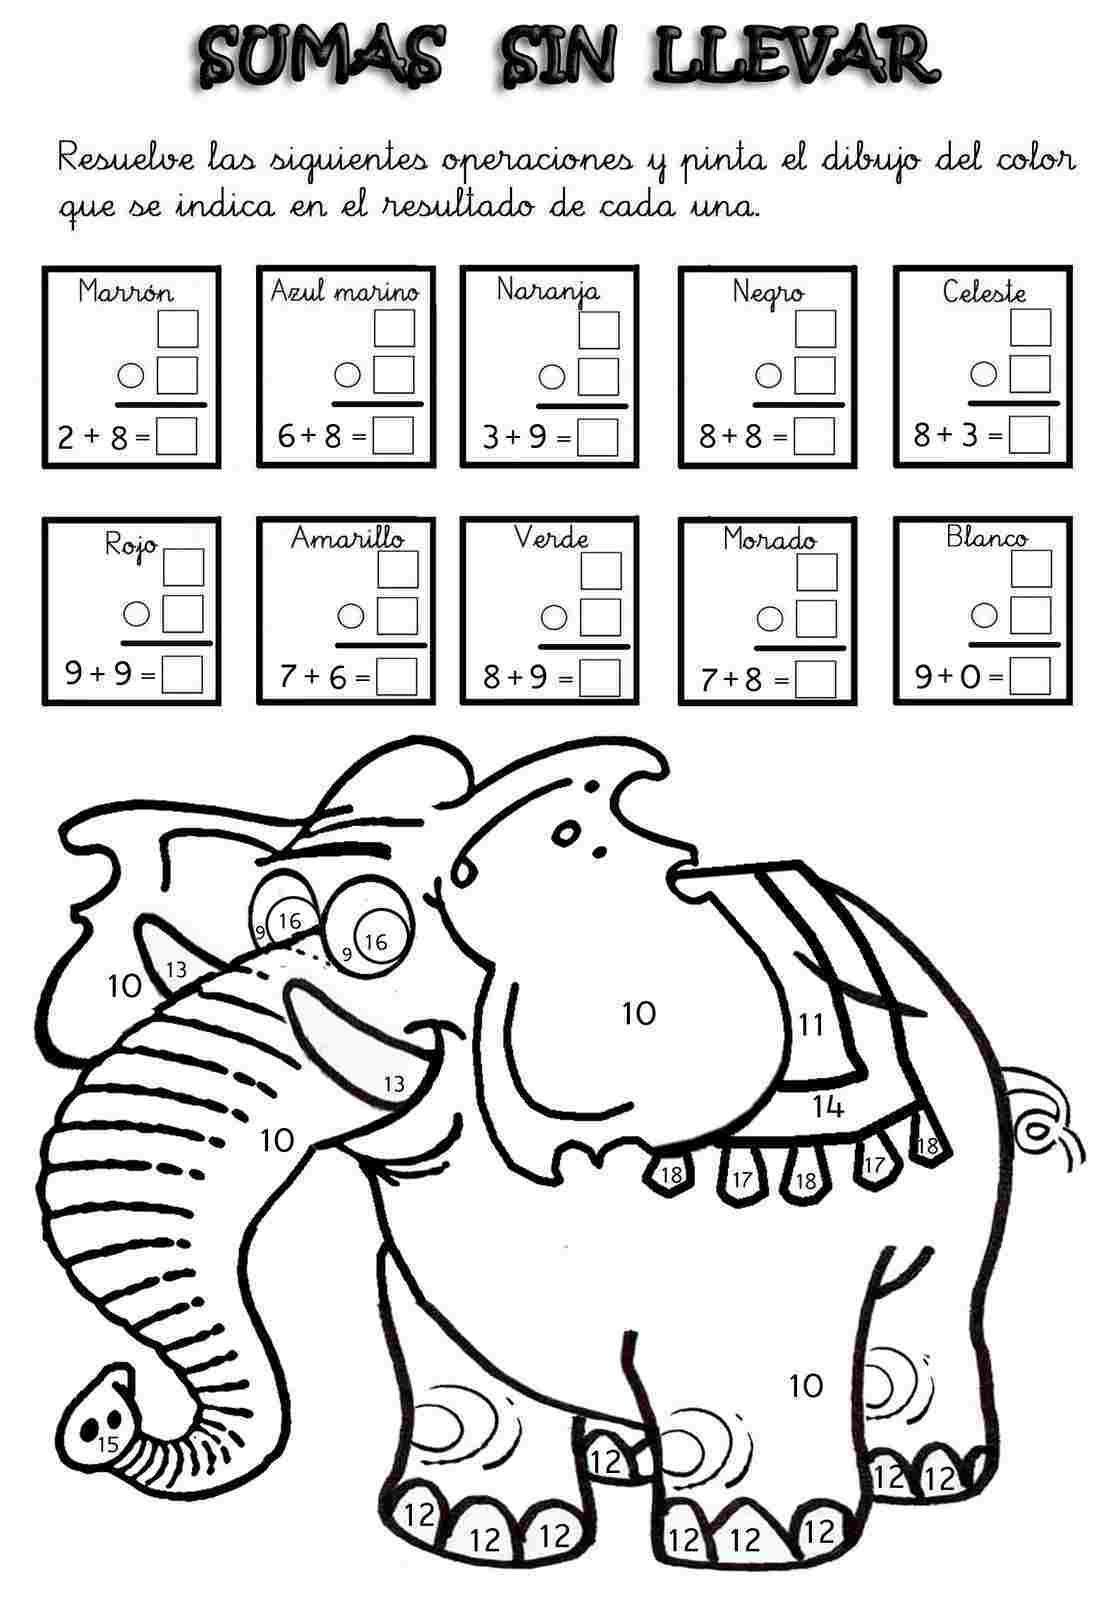 Actividades Para Ninos Preescolar Primaria E Inicial Fichas Con Sumas Divertidas Para Imprimir